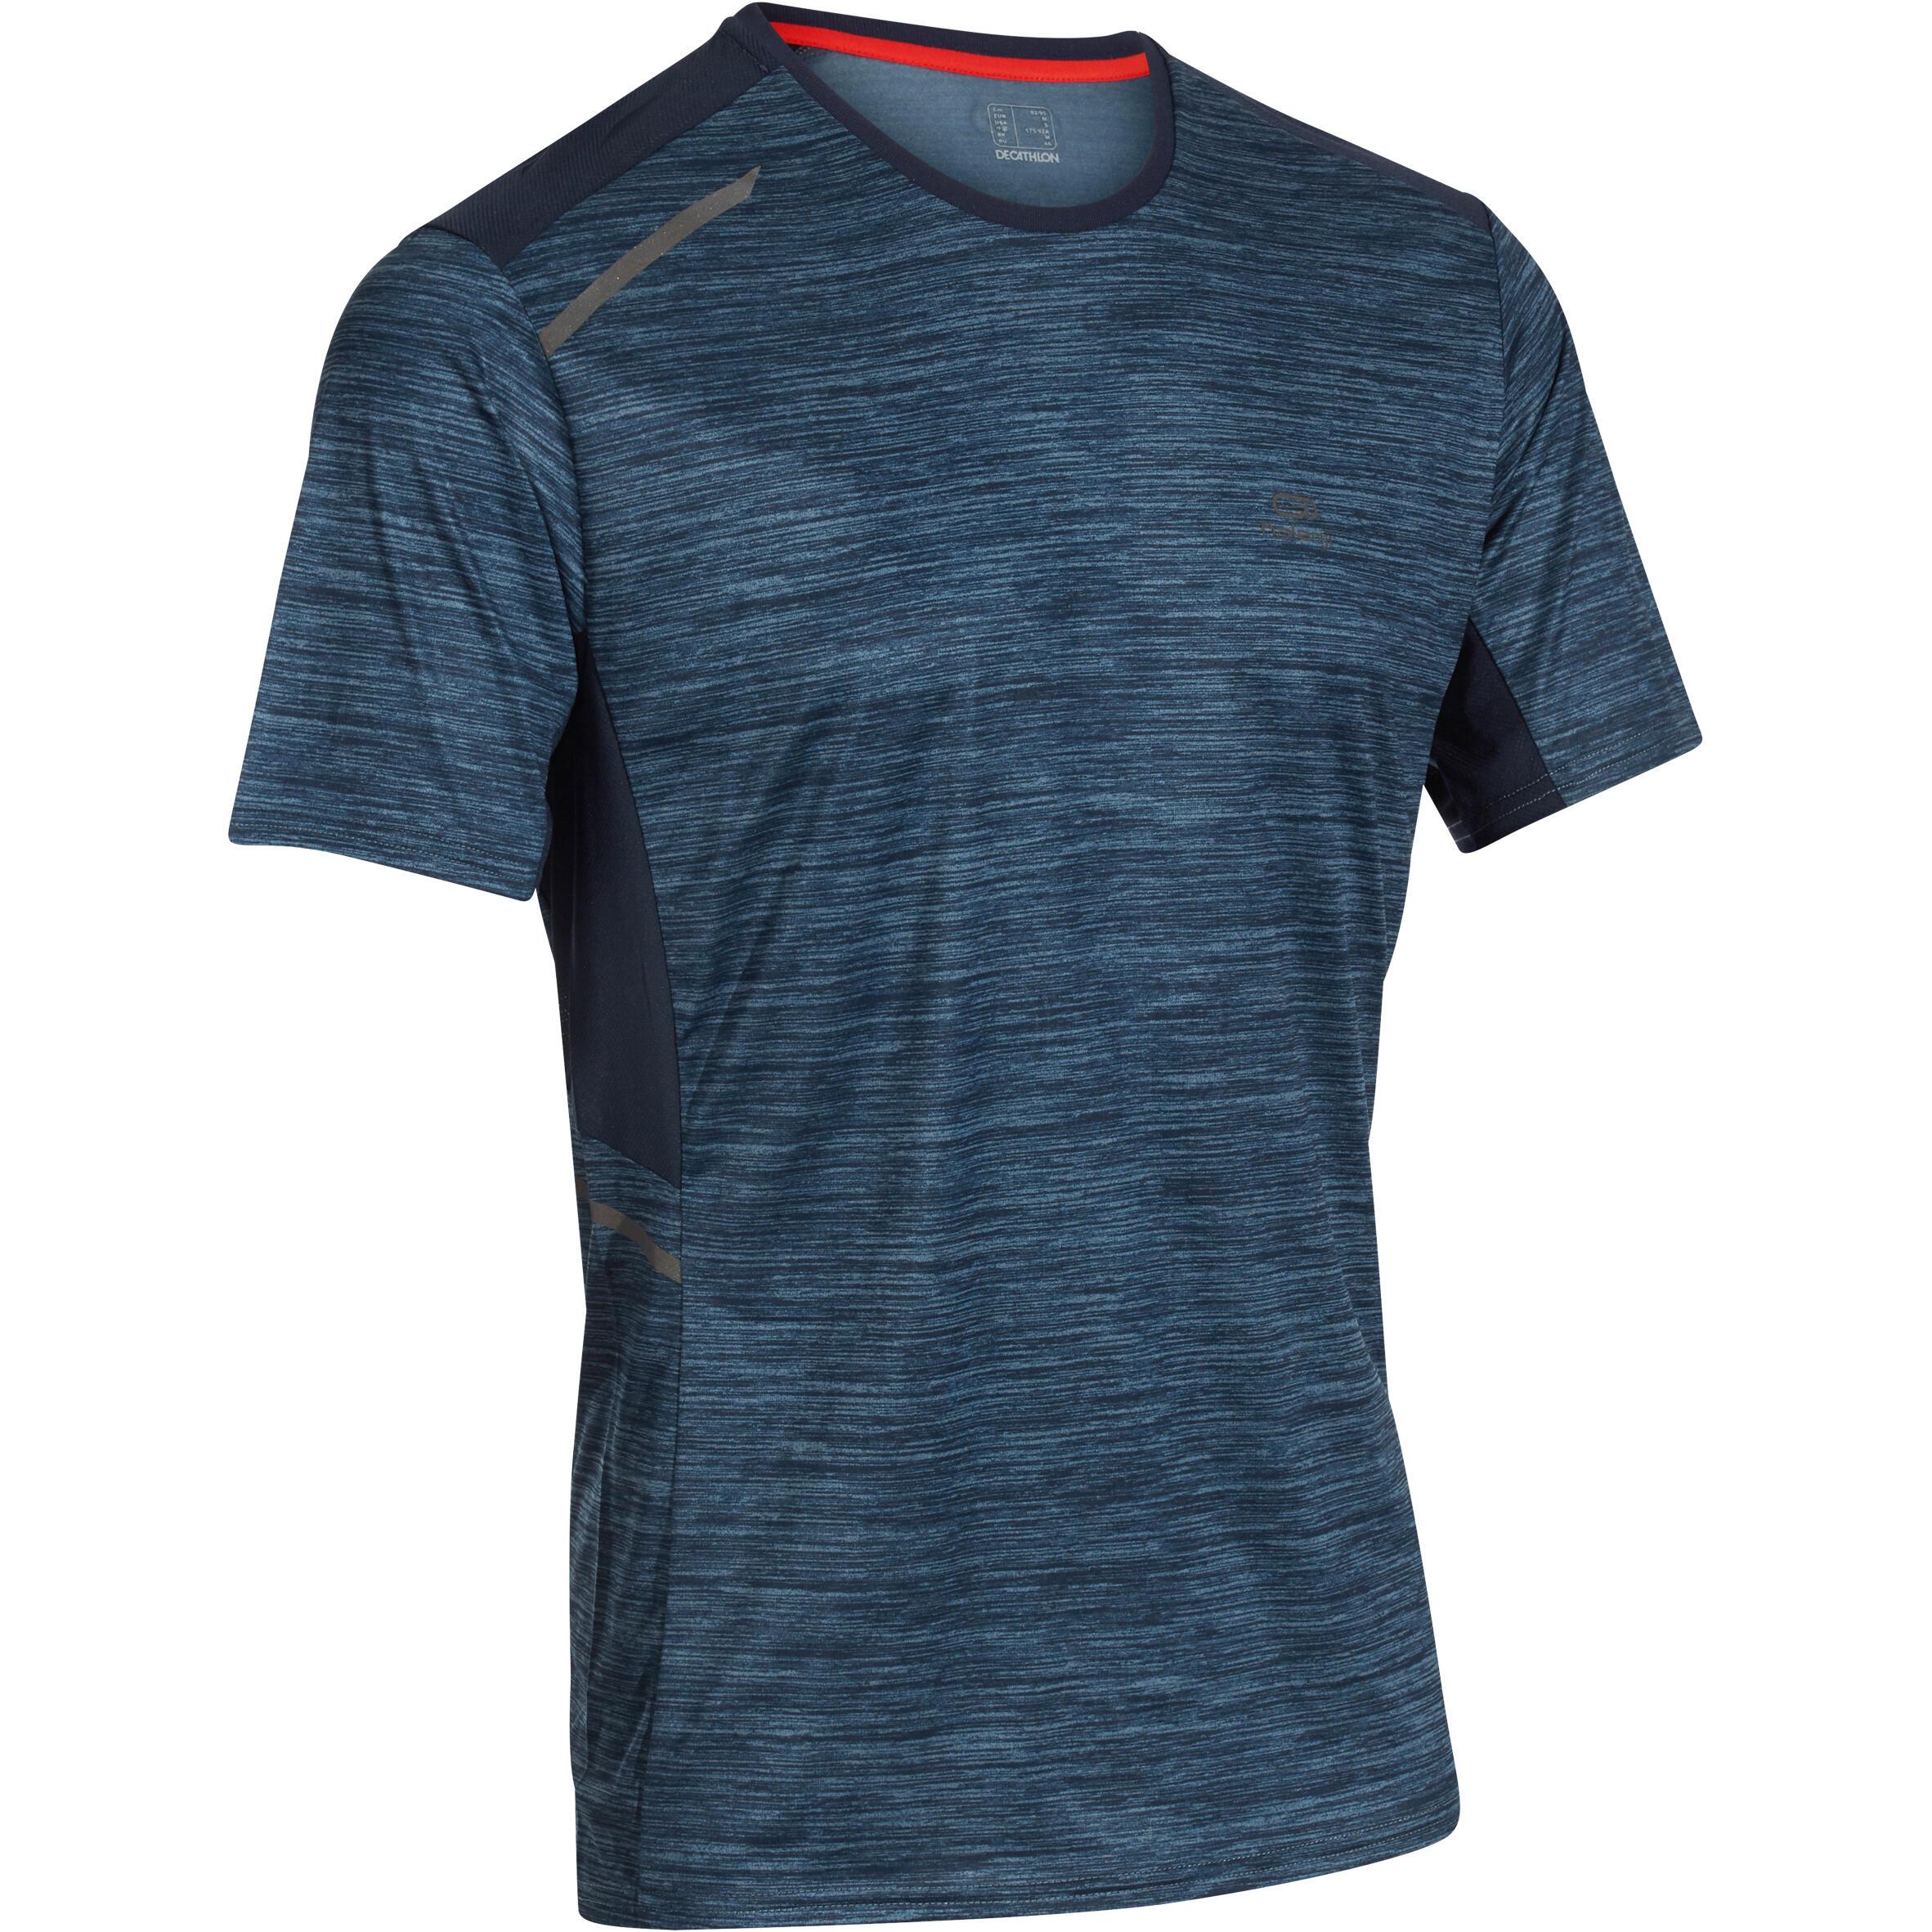 Kalenji Heren T-shirt Run Dry+ voor hardlopen kopen? Leest dit eerst: Alles voor het hardlopen Alles voor jogging/Joggingkleding met korting